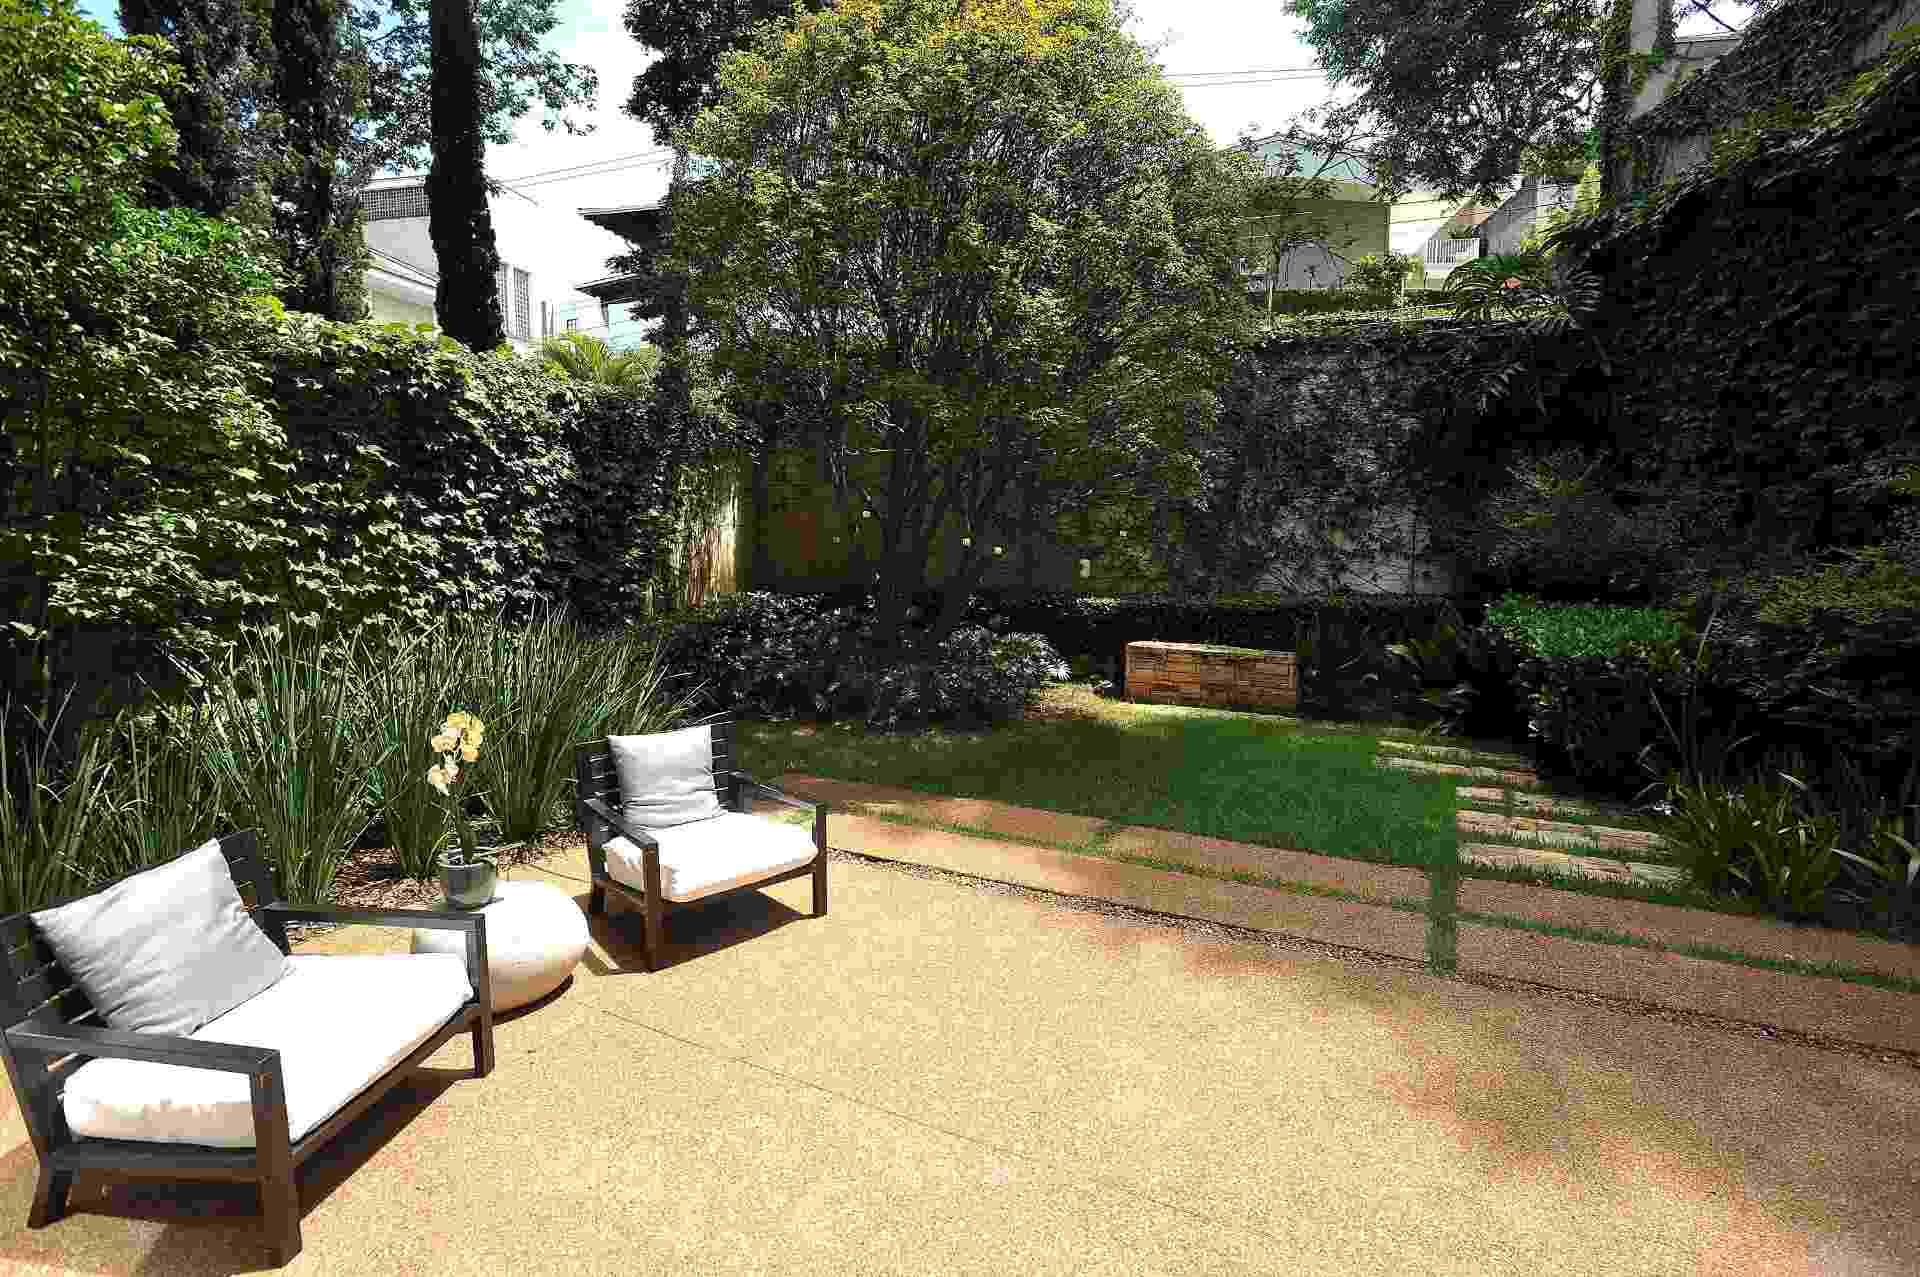 A paisagista Claudia Diamant determinou para o jardim de uma casa de vila, na zona sul de São Paulo, a criação de dois patamares. No nível principal mesclou espécies contemporâneas com algumas pré-existentes como a jabuticabeira e as nandinas (Nandina domestica) e criou uma área de descanso - Reinaldo Canato/ UOL